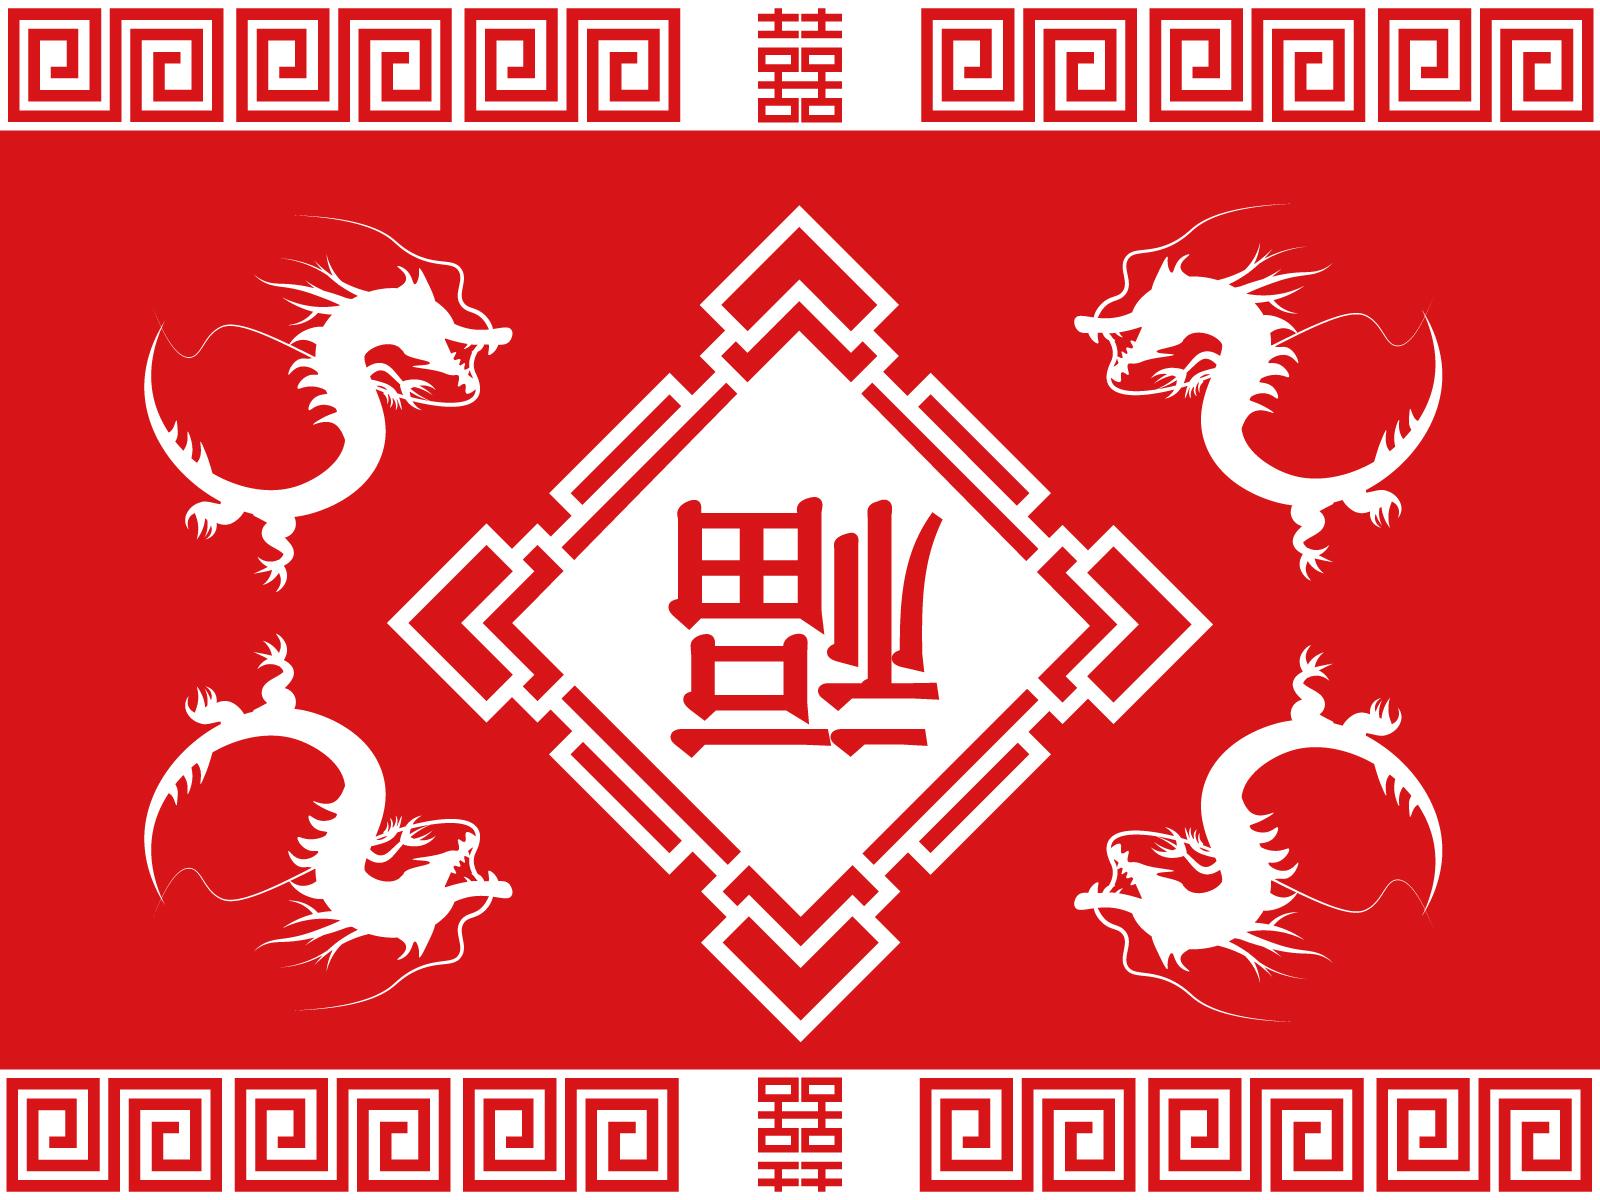 2017年中国の旧正月(春節)はいつ?イベントや混雑情報まとめ!のサムネイル画像